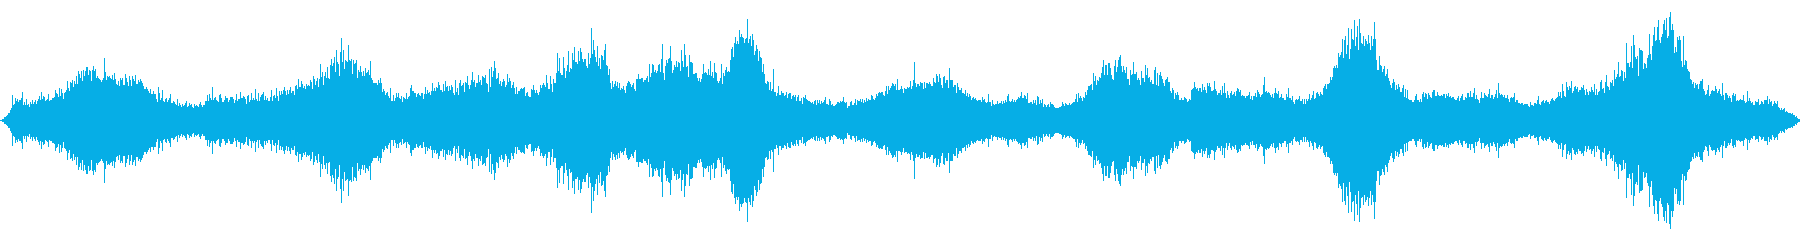 波; DIGIFFECTS;海、波、波の再生済みの波形